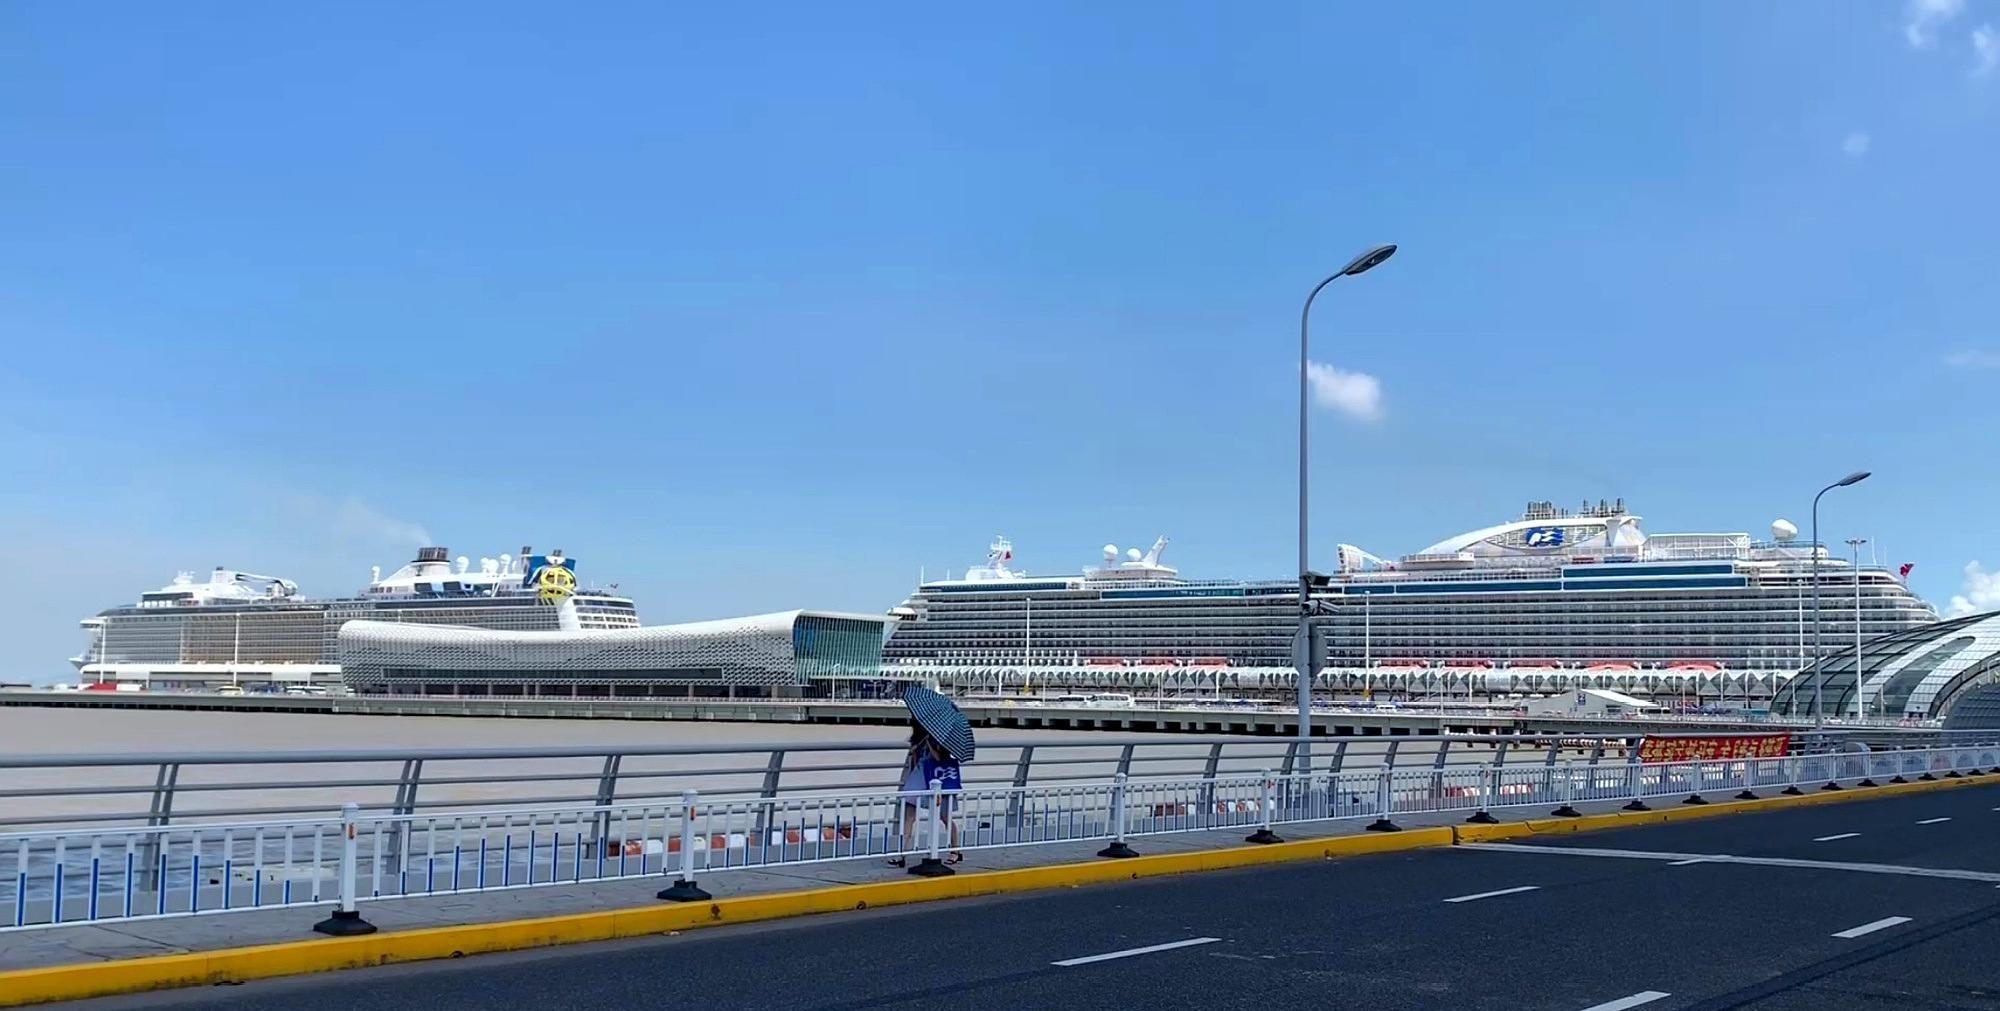 上海吴淞口码头地中海辉煌号,全家五人坐游轮,出发日本冲绳